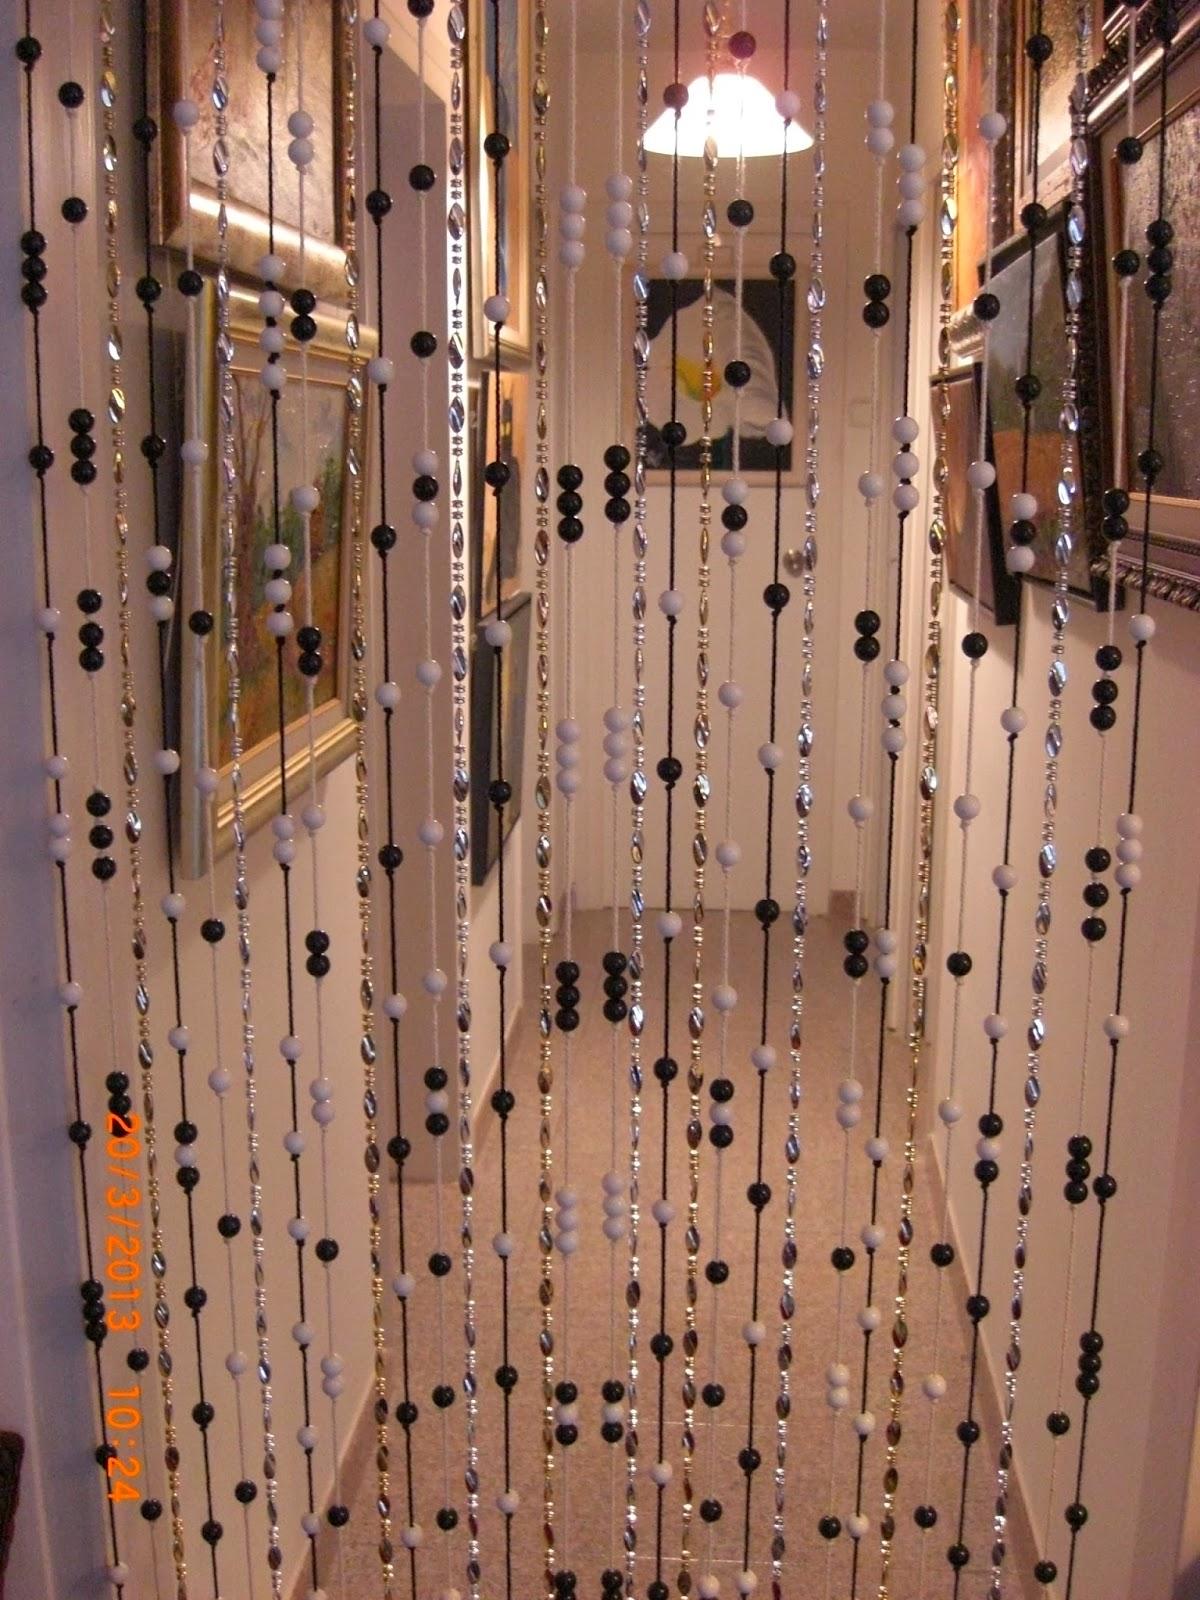 Enquedistraigoeltiempo cortina reciclado de trozos de - Cortinas de abalorios ...